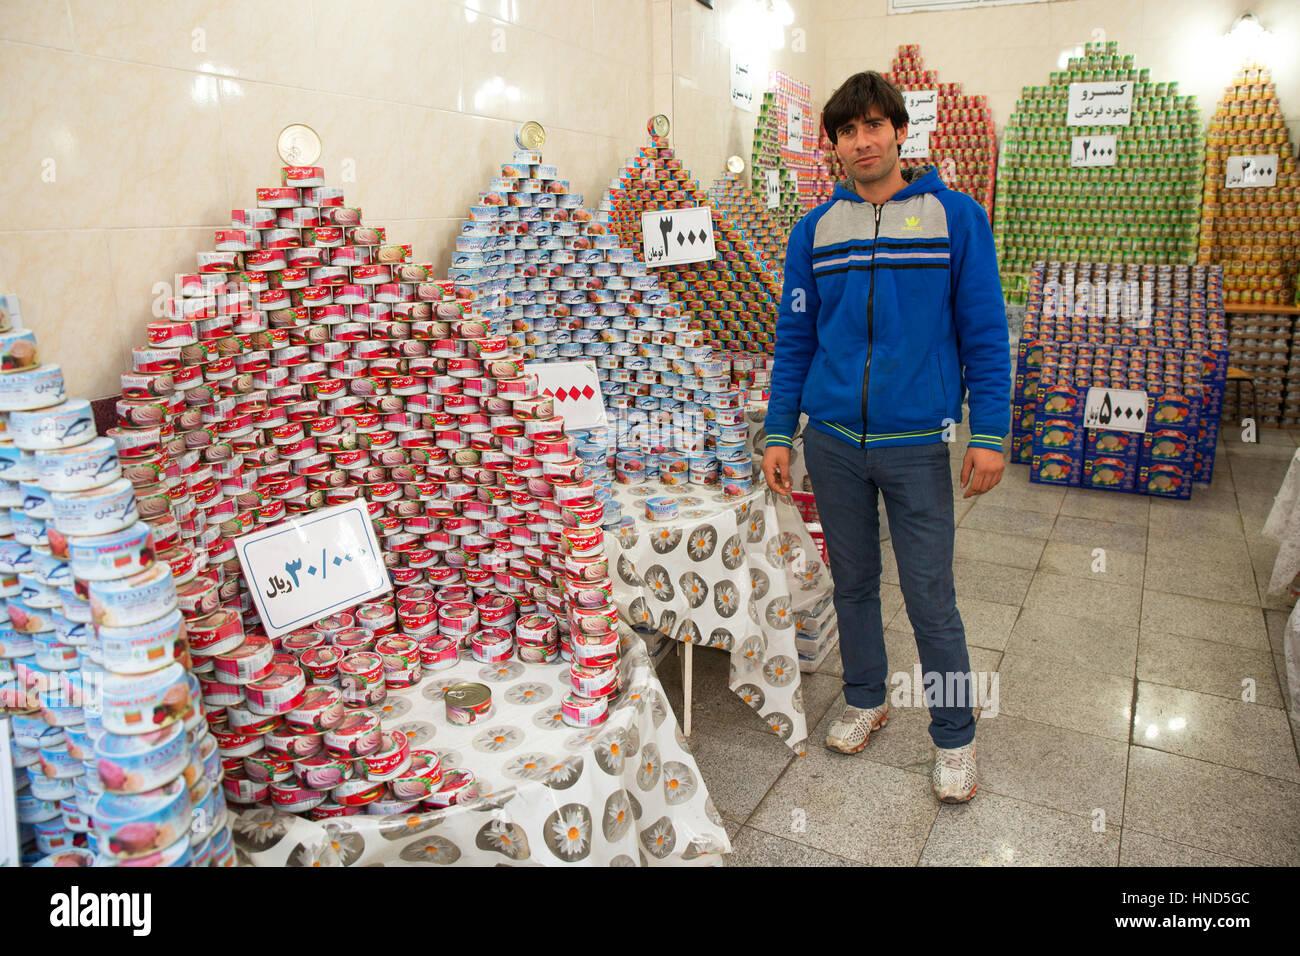 Thunfisch In Dosen Shop Tabris Historischen Basar Tabriz Osten Der Provinz Aserbaidschan Iran Stockfoto Bild 133670108 Alamy